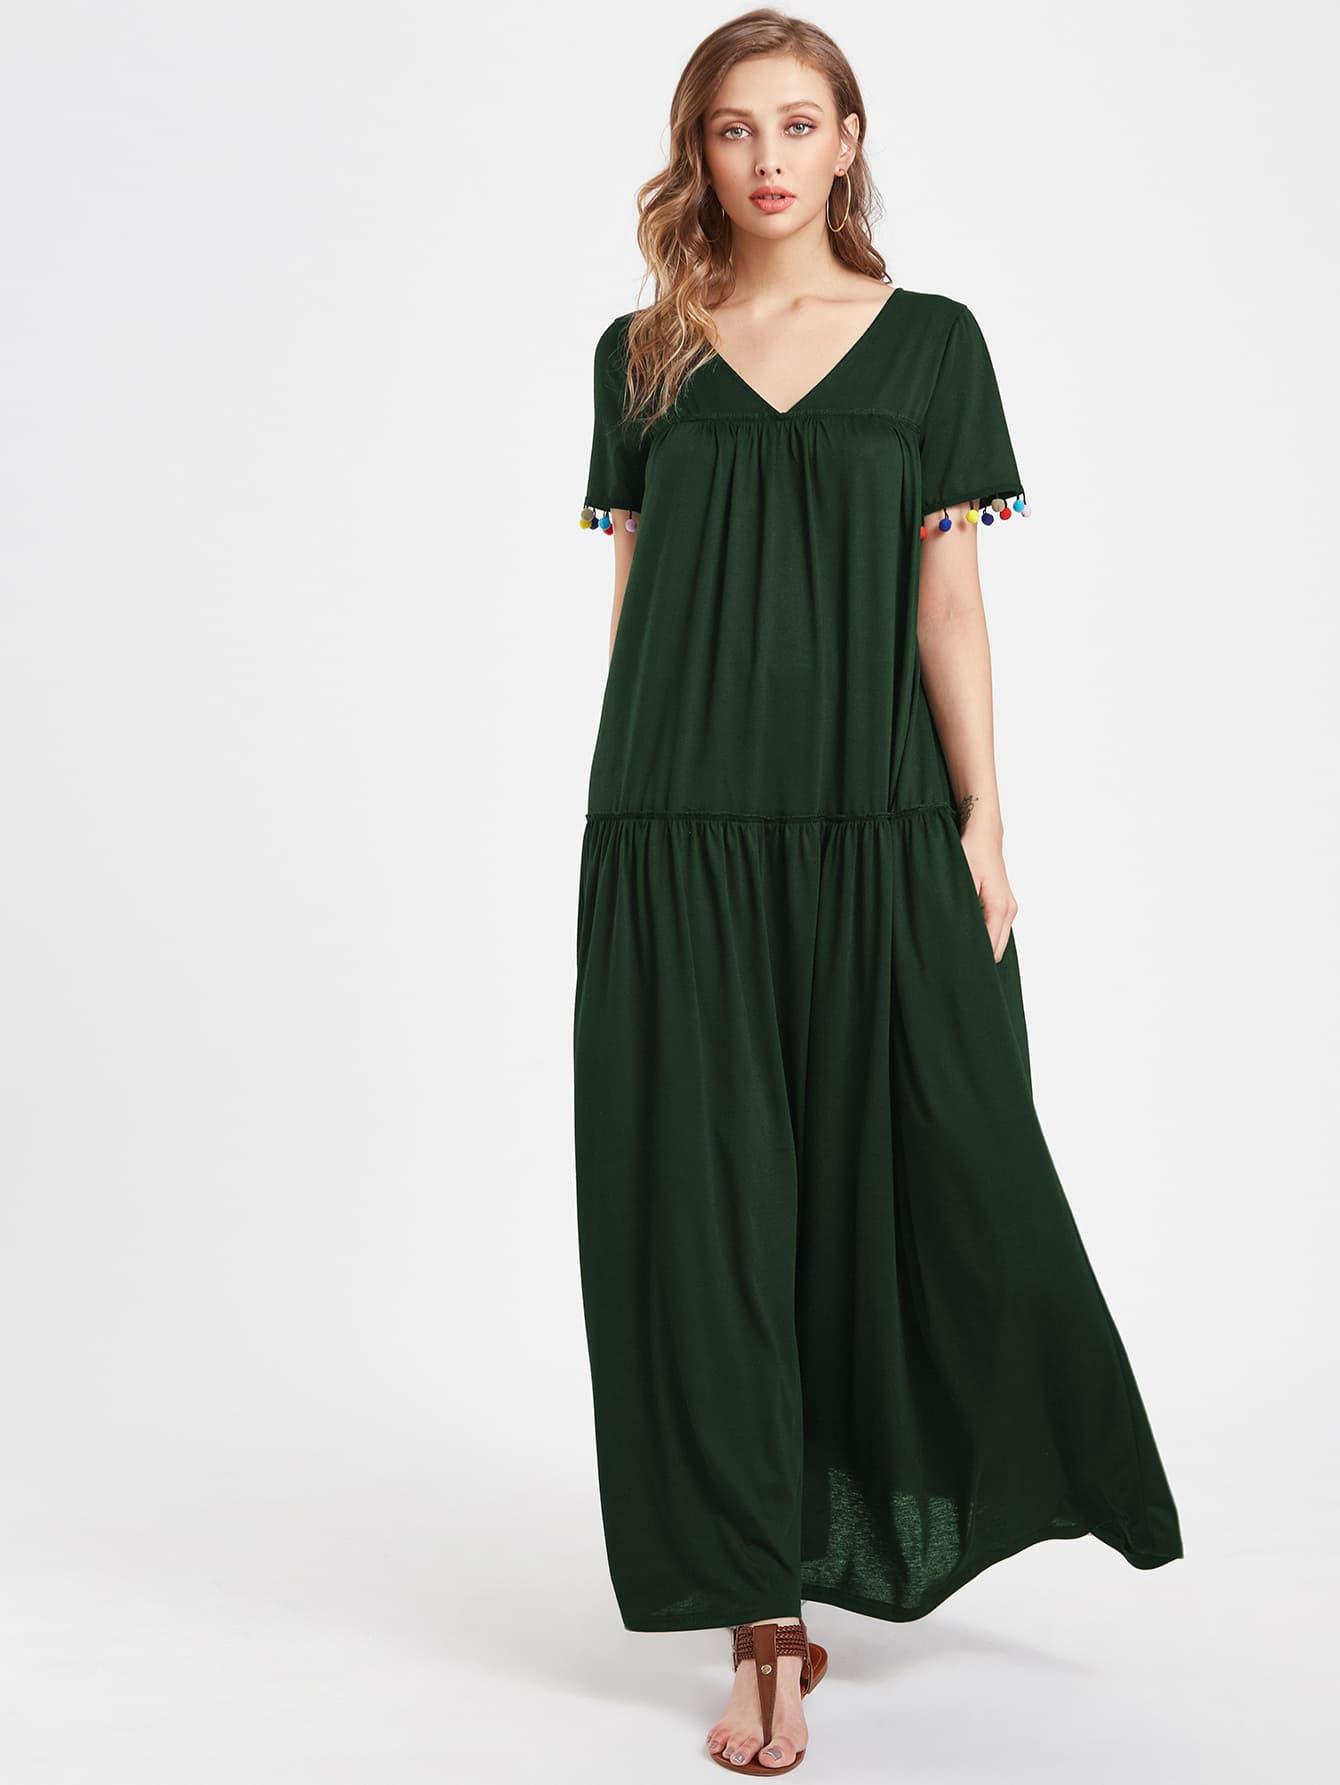 V Neckline Pom Pom Full Length Dress